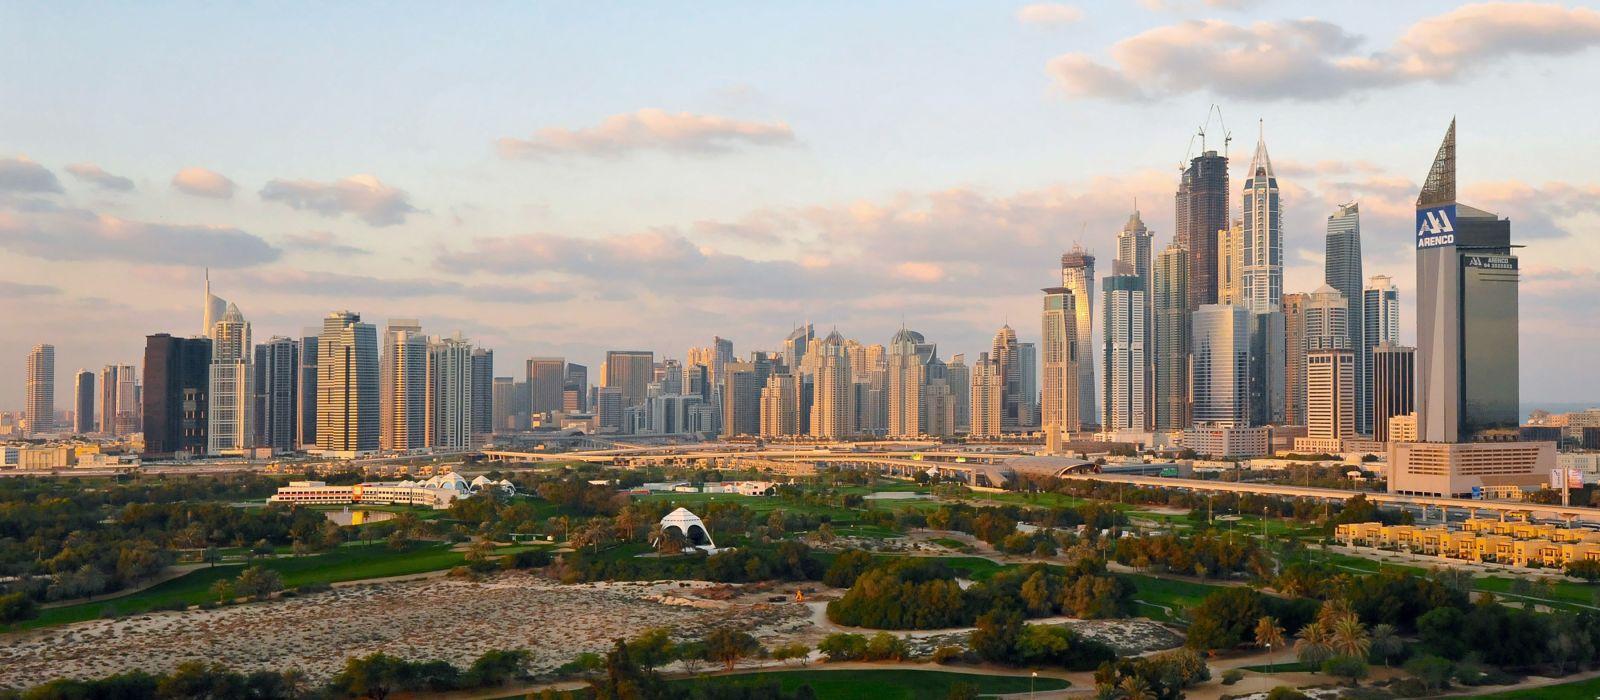 Ein Panoramablick auf die Dubai-Hochhäuser am frühen Morgen.